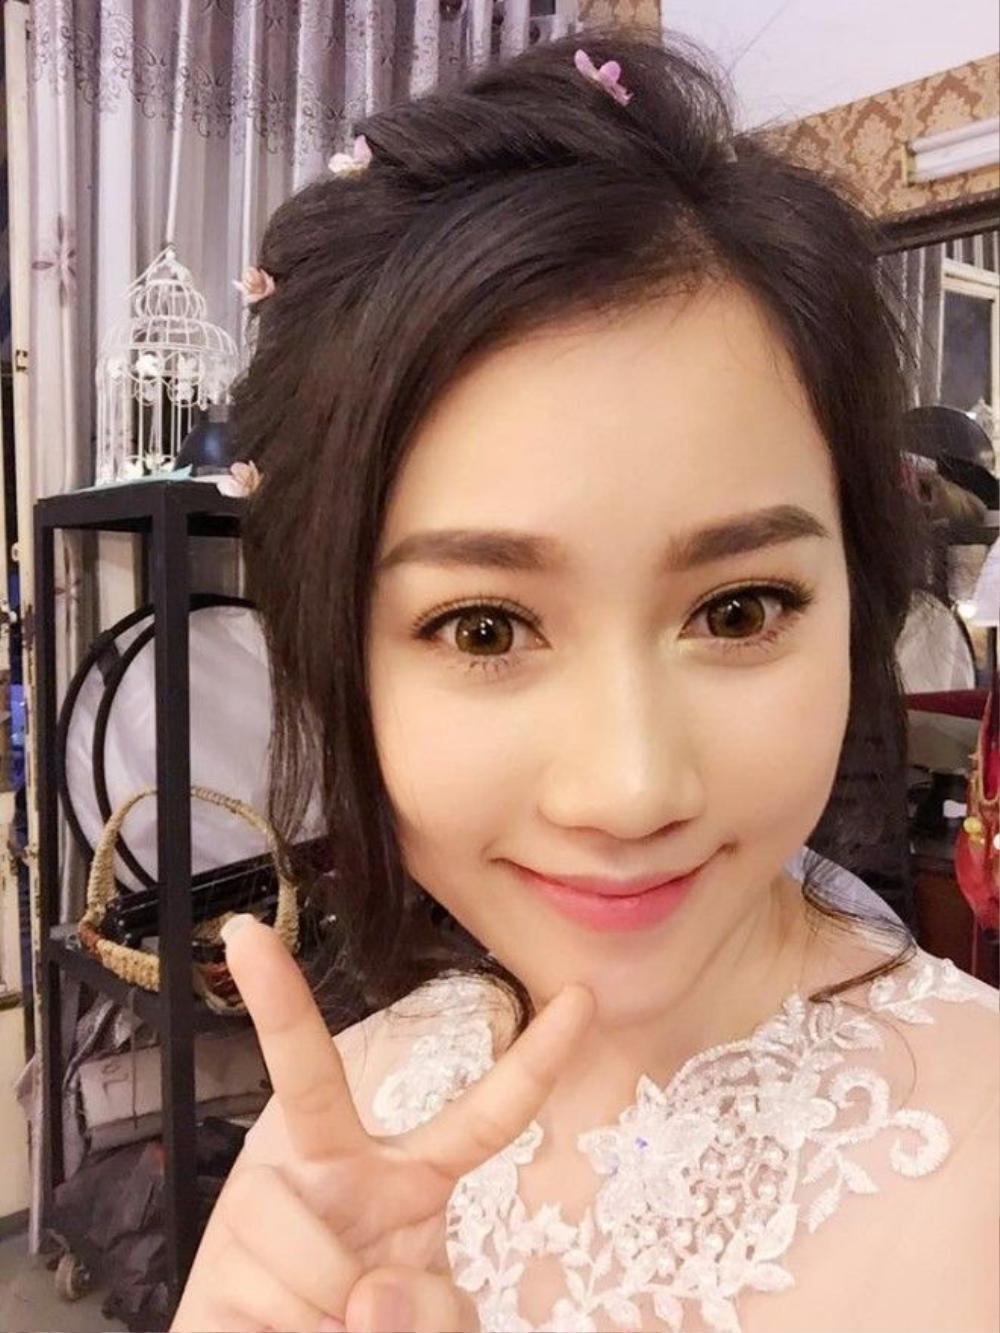 Lona Huỳnh Hồng Loan với xu hướng tóc búi đầy lãng mạn với kiểu tóc cài hoa trên đầu.